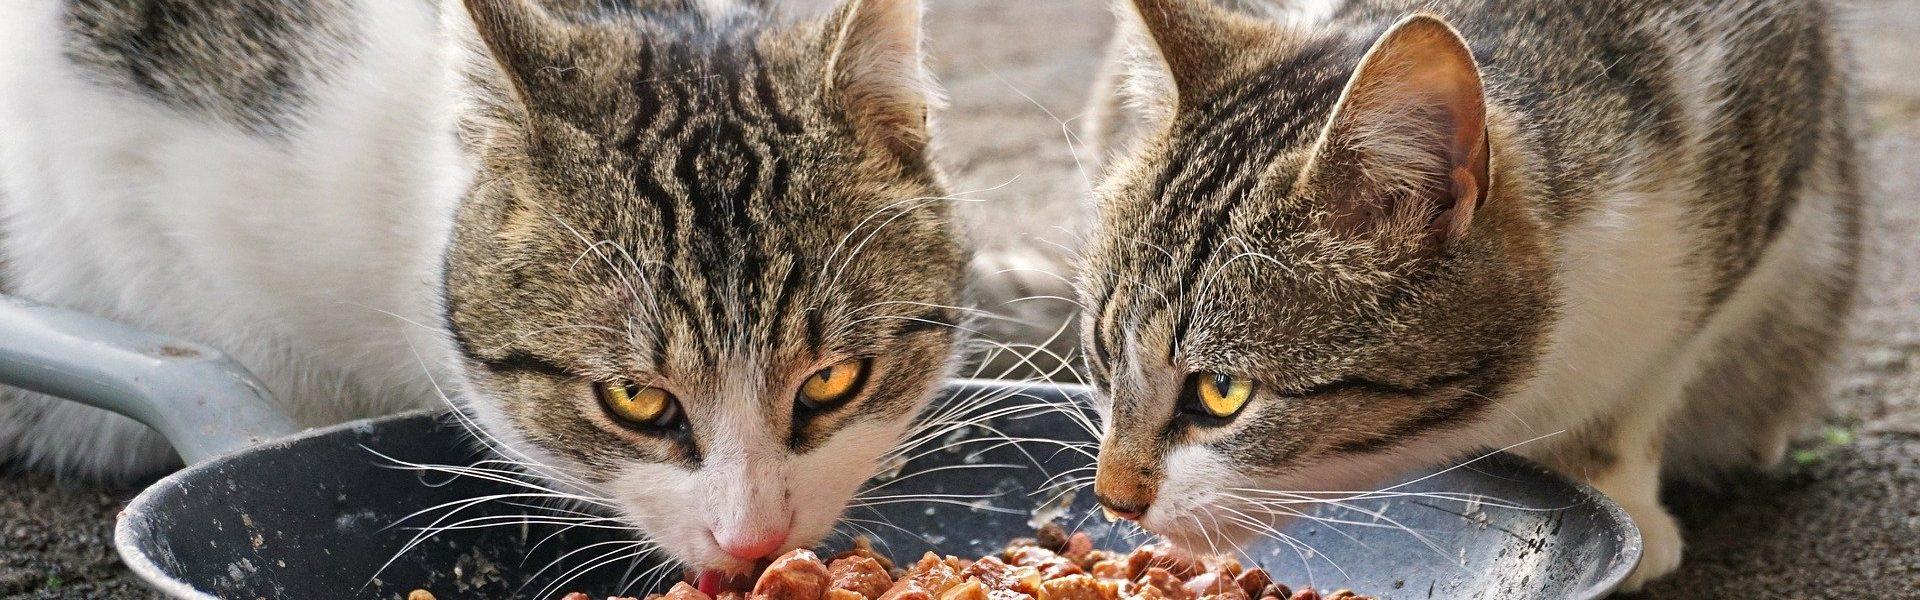 cats_sharing_bowl